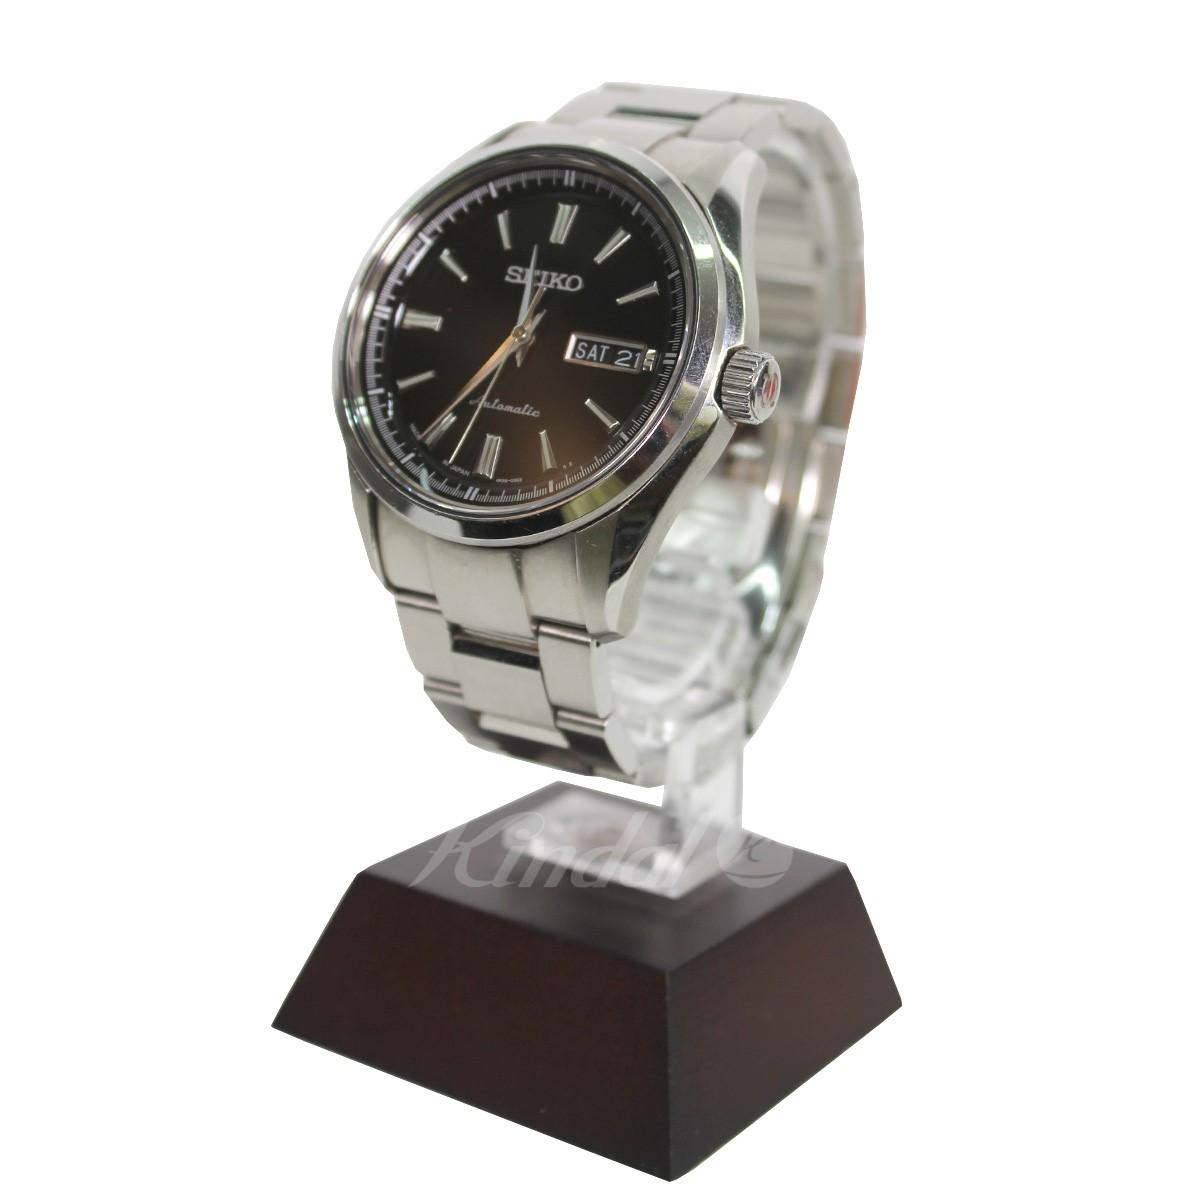 【中古】SEIKO PRESAGE プレサージュ 腕時計 シルバー サイズ:- 【送料無料】 【170419】(セイコー)